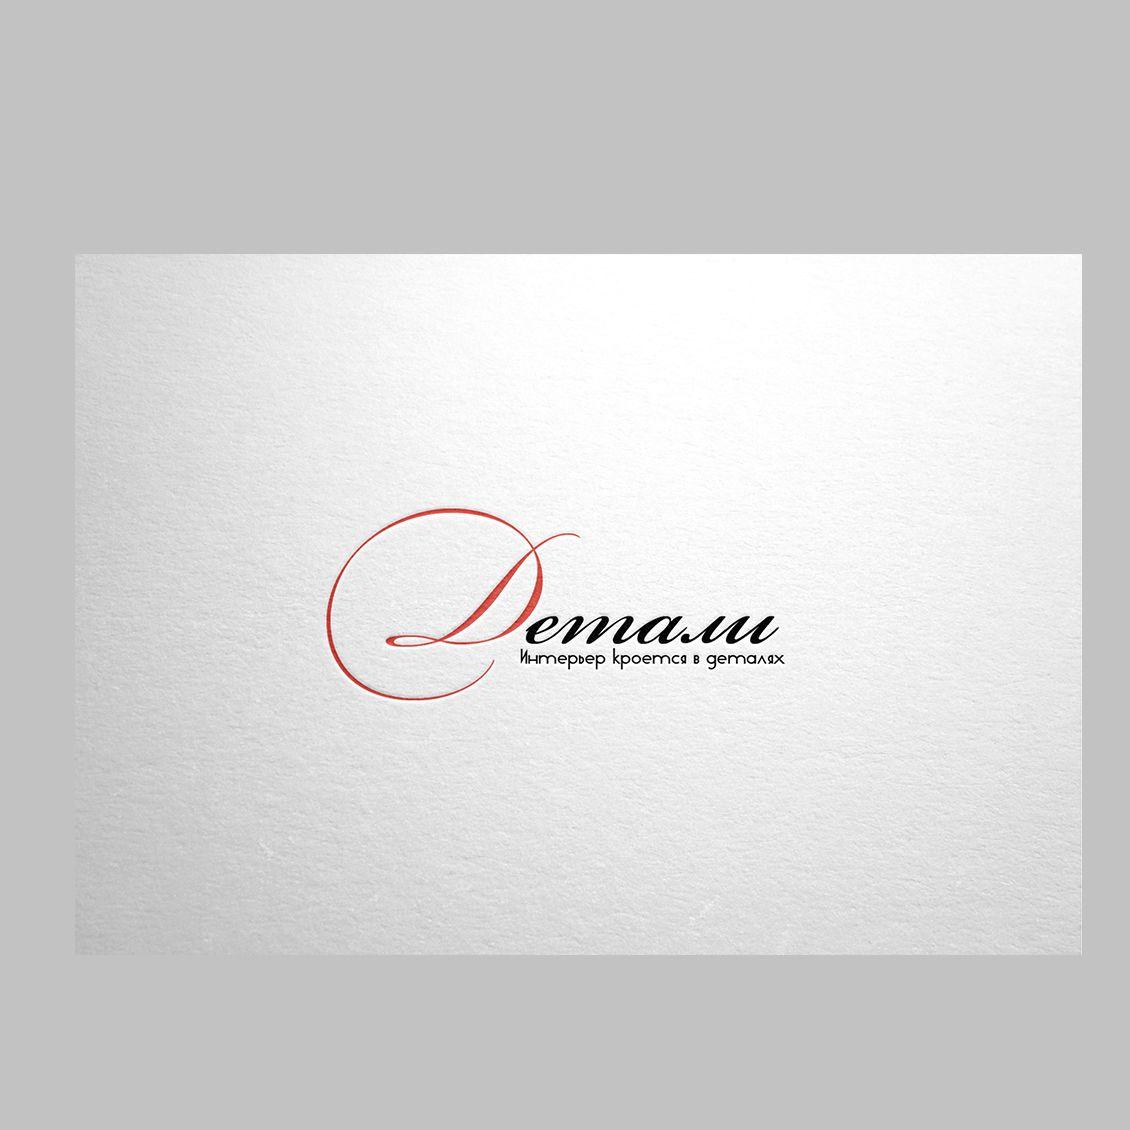 Логотип для студии дизайна интерьера - дизайнер SmolinDenis